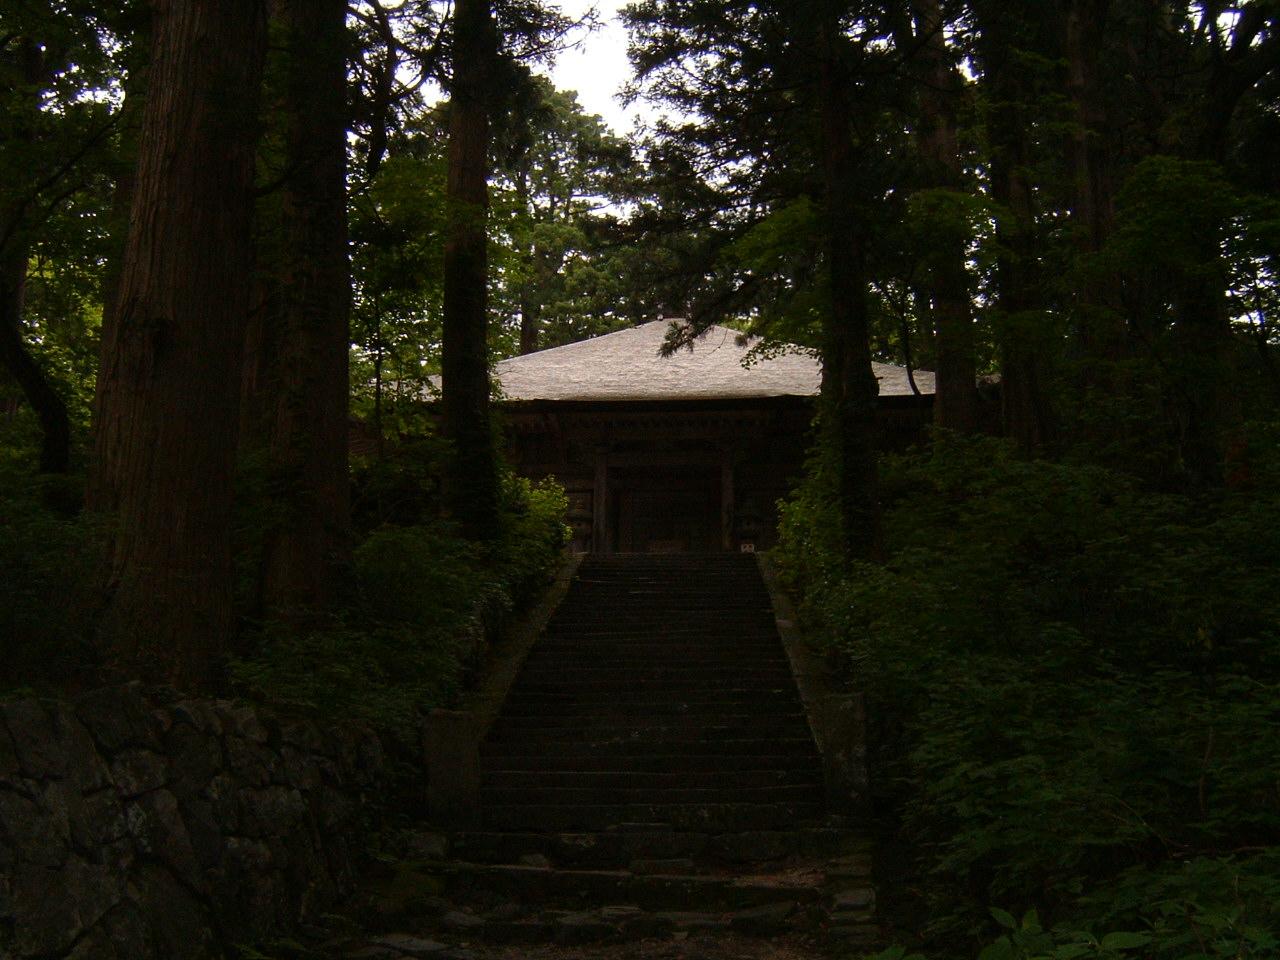 鳥取県大山寺周辺の植物   by (岡田)_c0239329_1454669.jpg